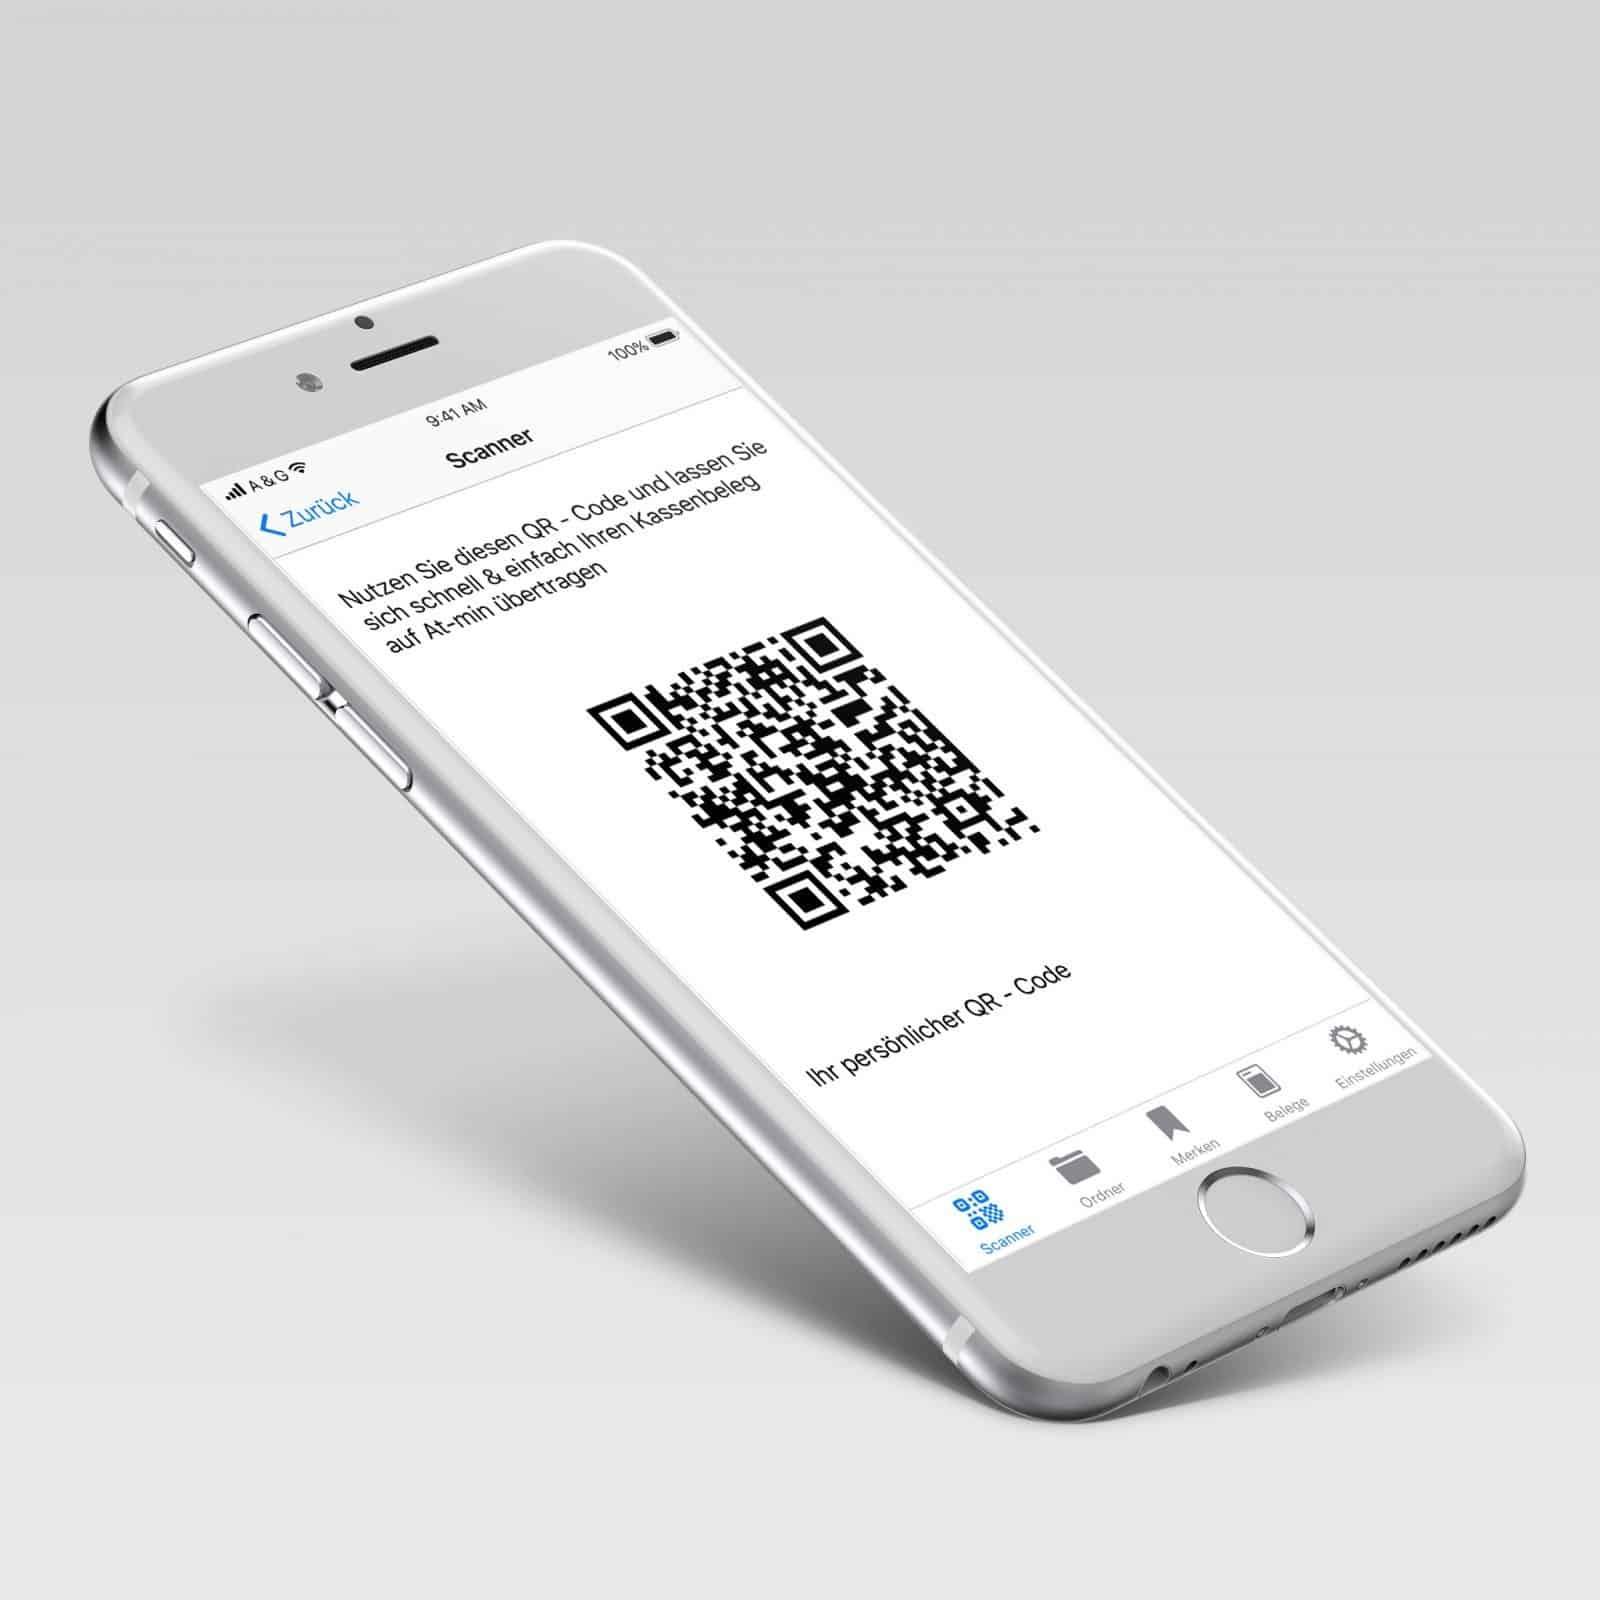 Papierlos Einkaufen ohne Kassenbons - Digitaler Kassenbon